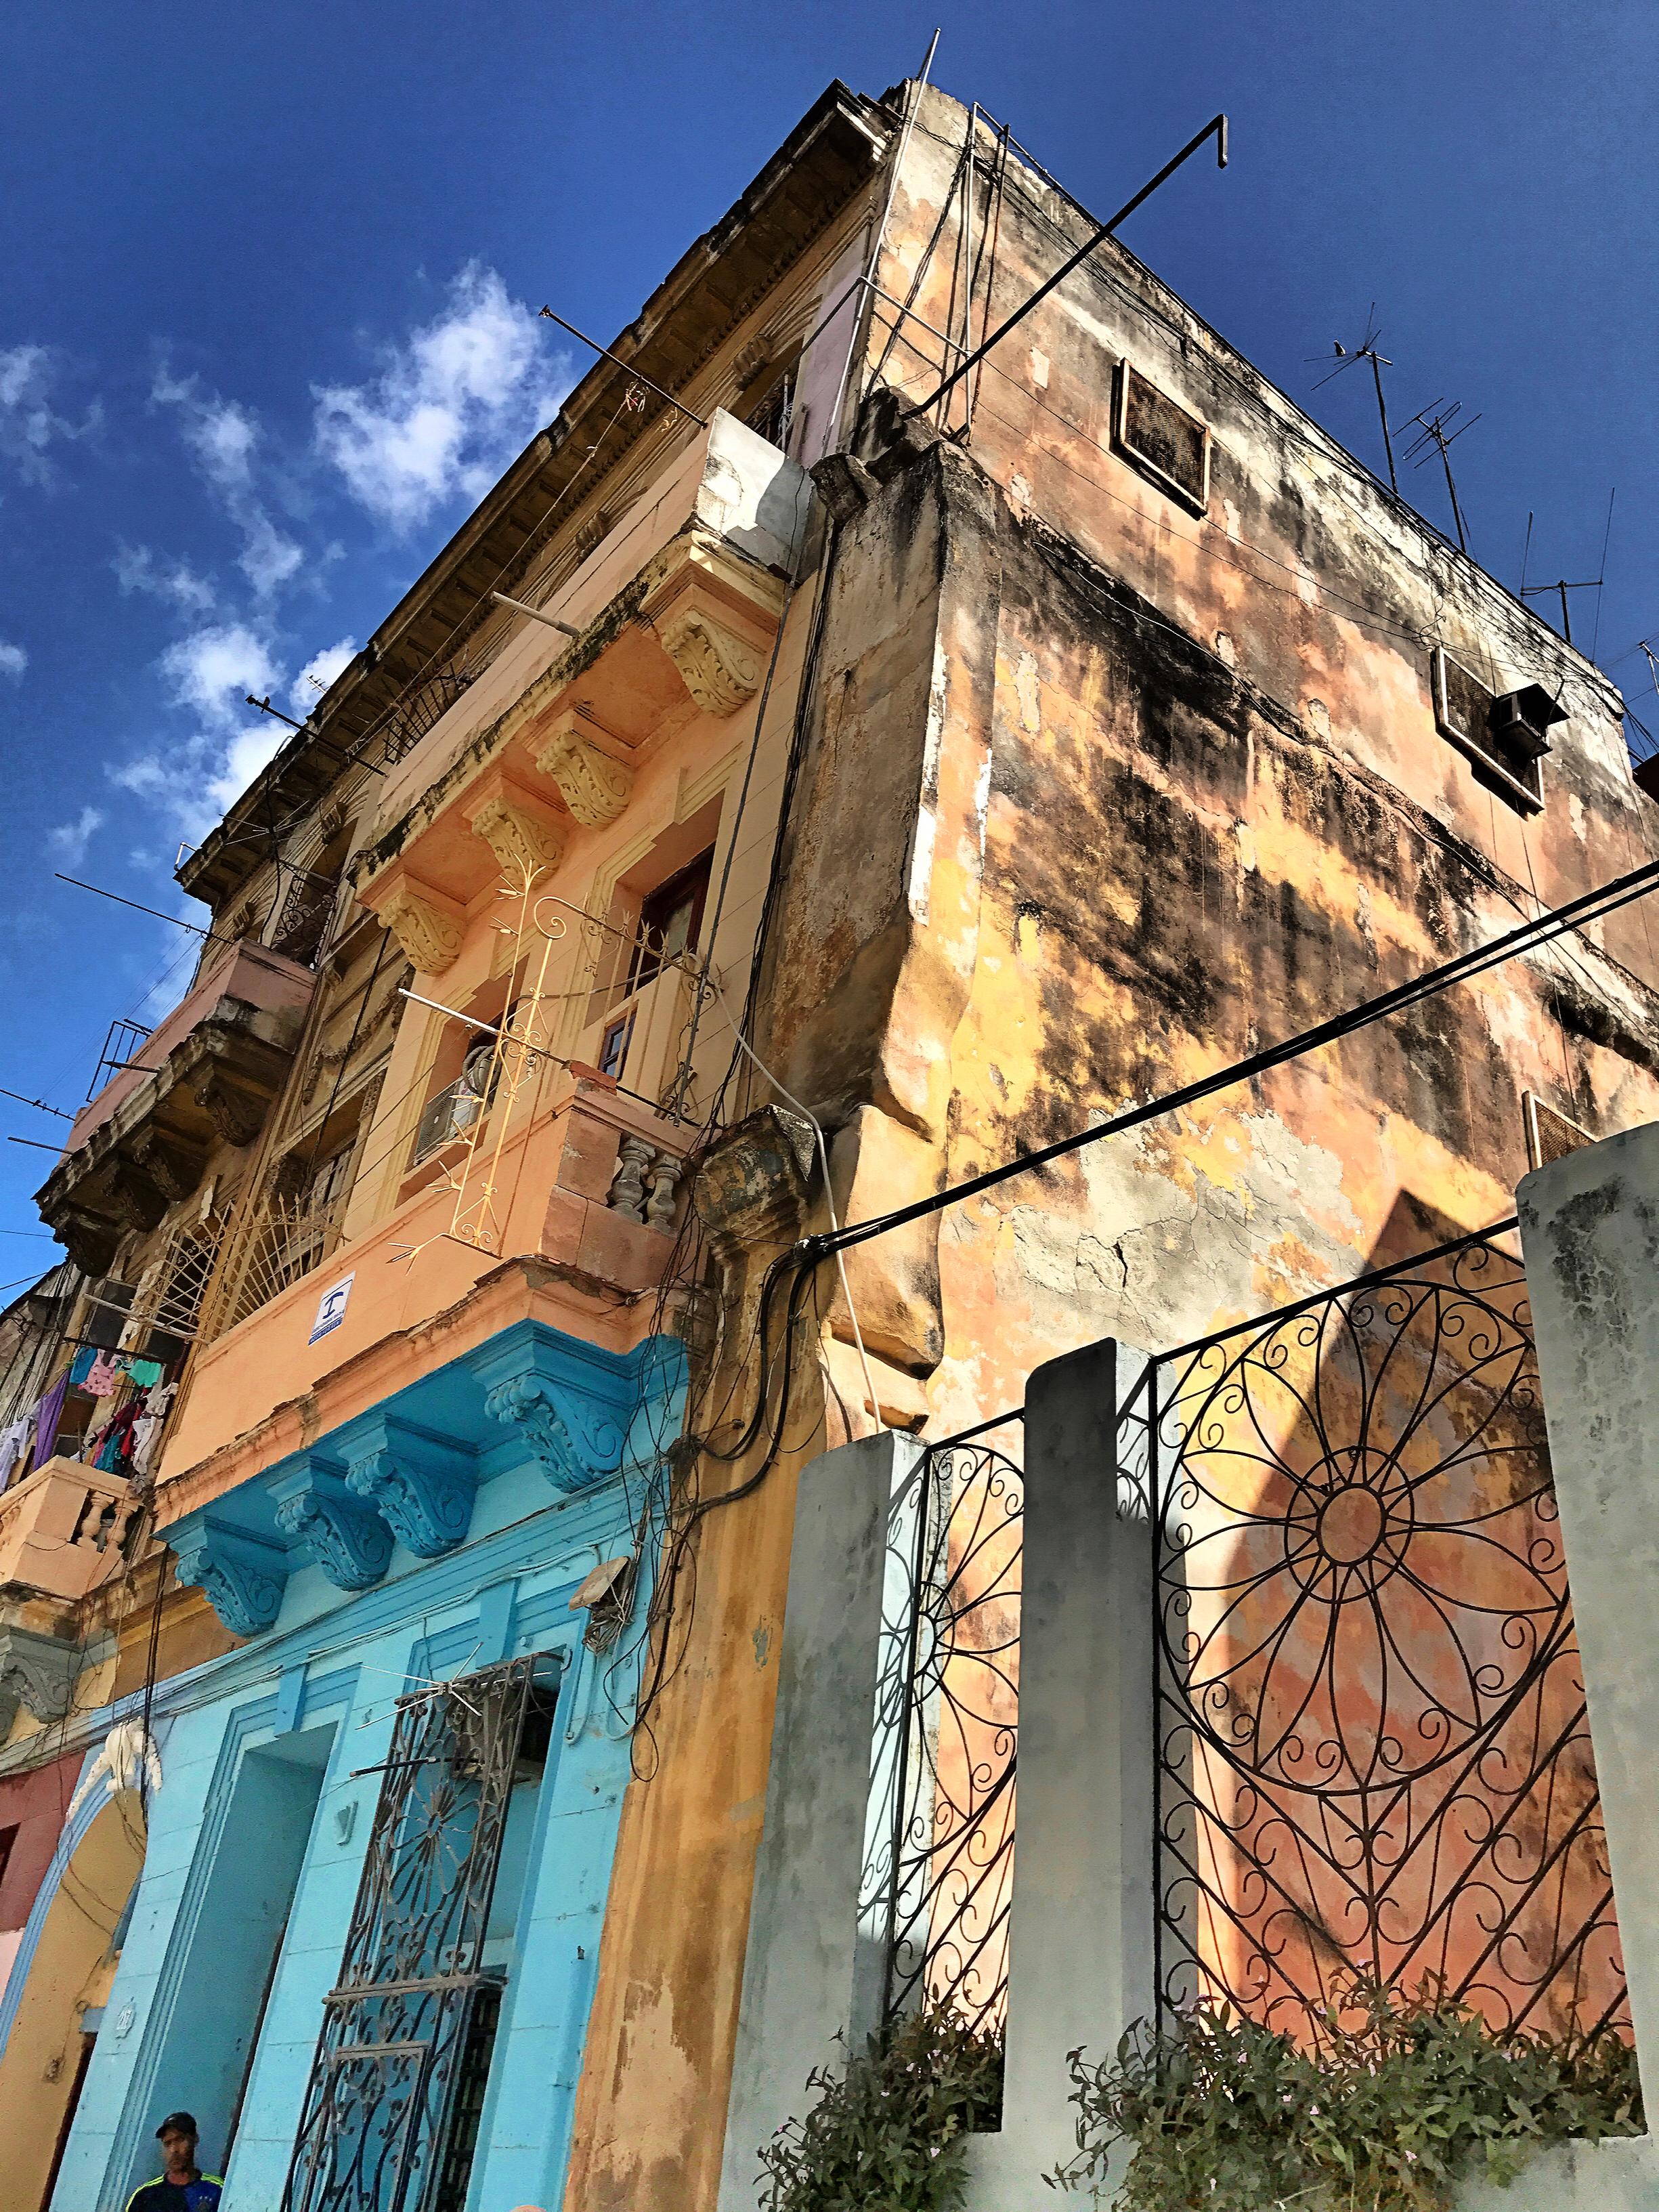 old-building-cuba